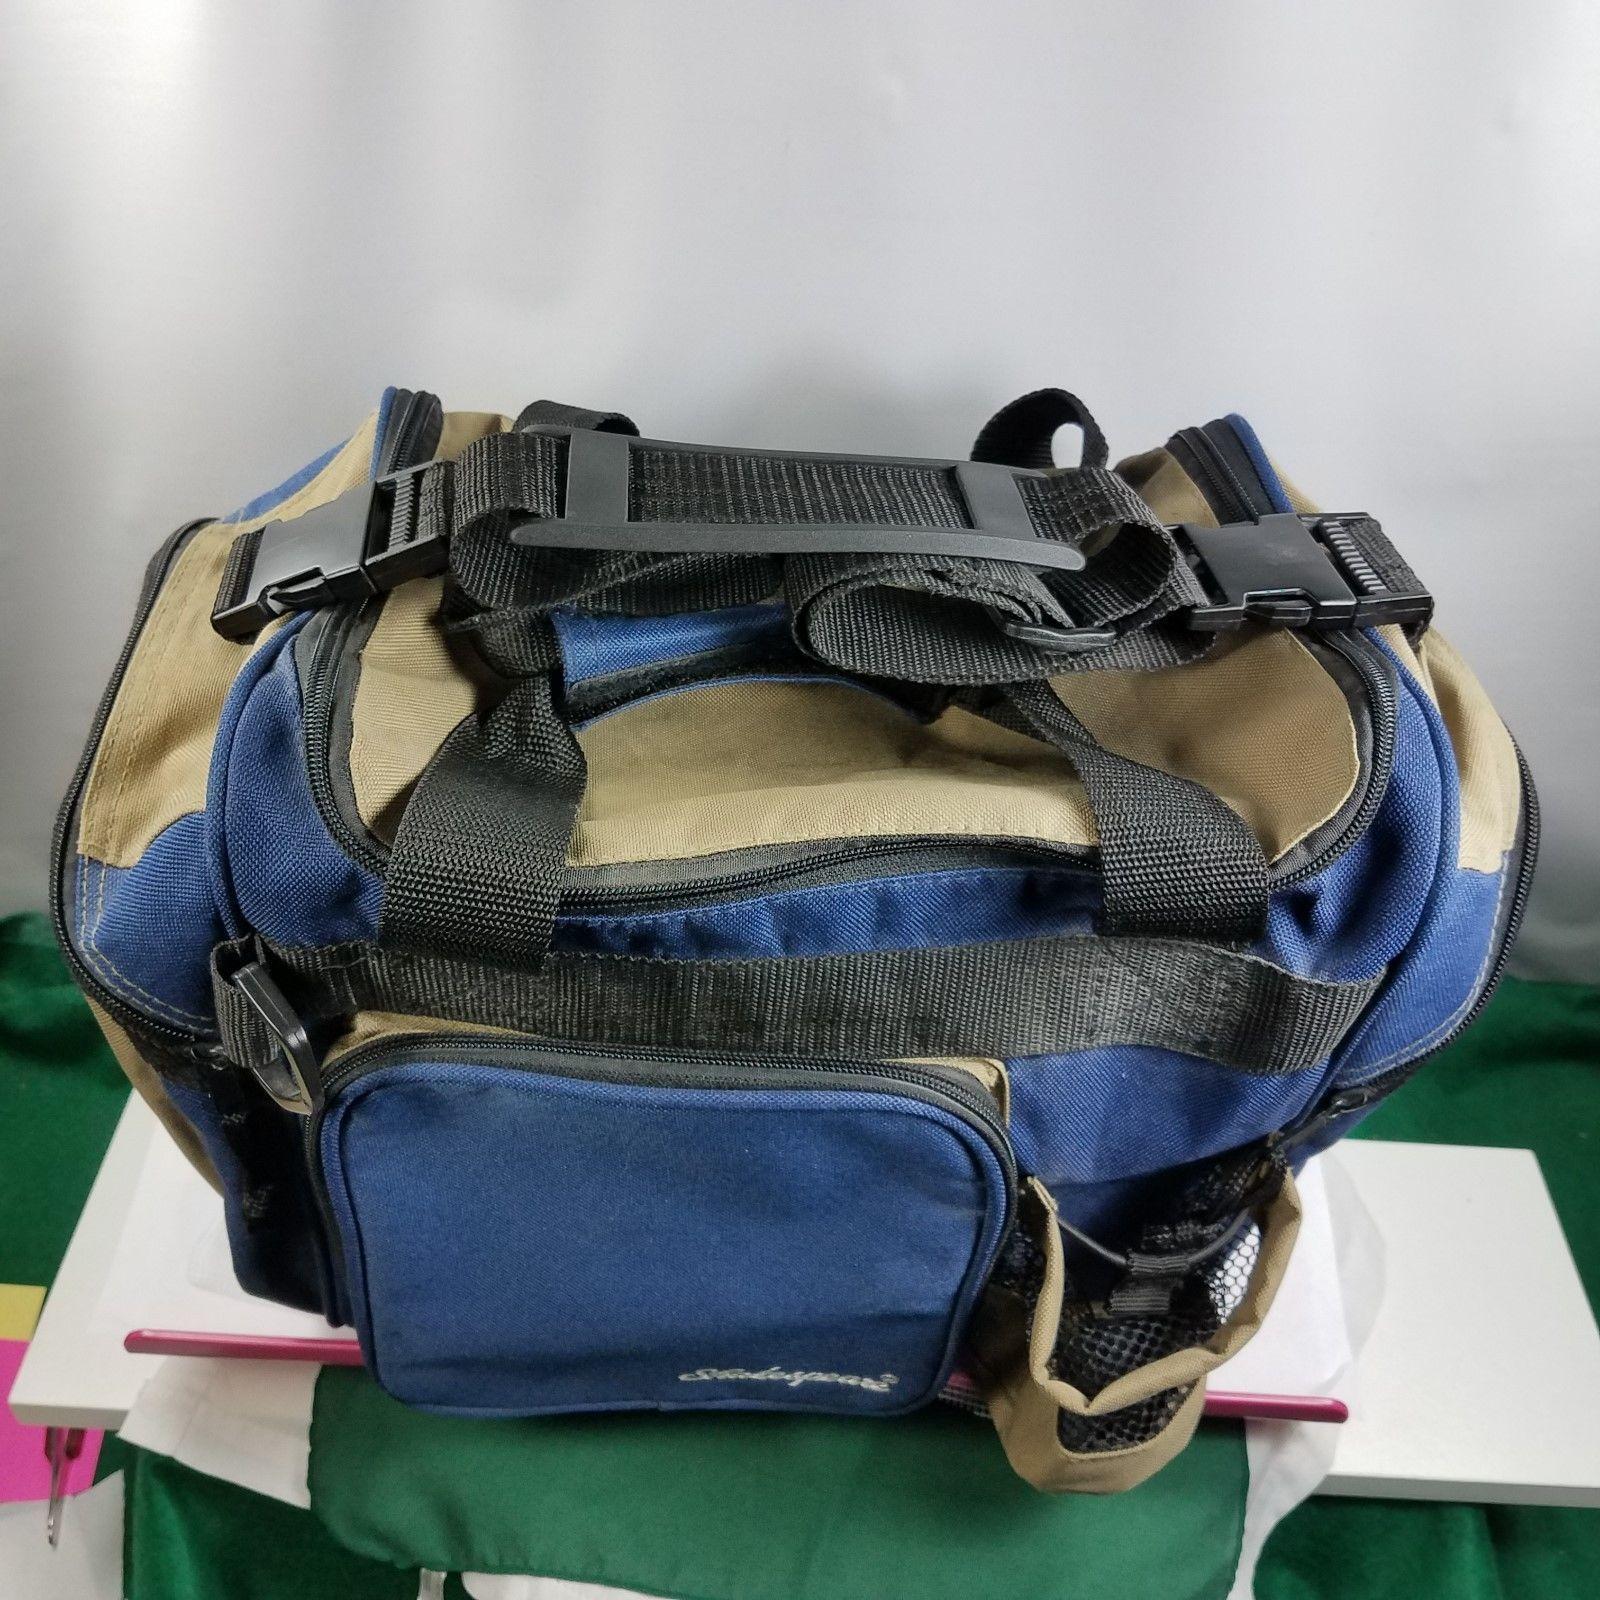 Fishing Gear Bags